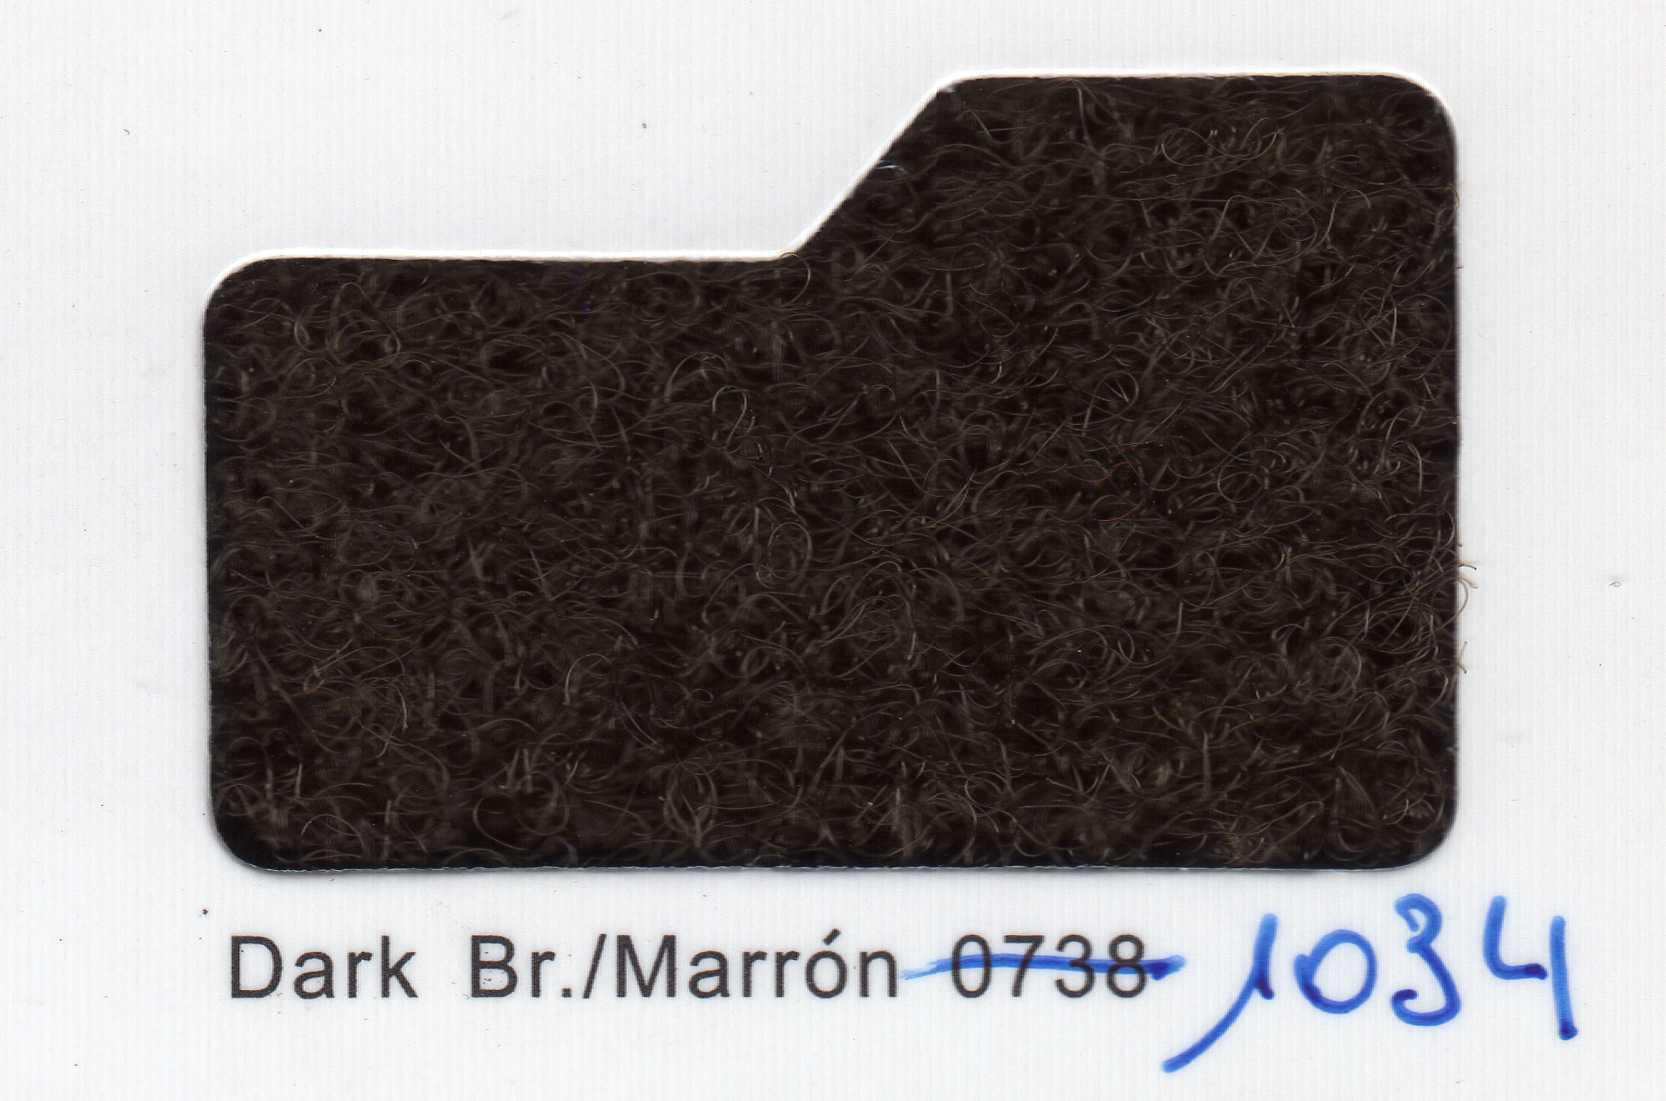 Cinta de cierre Velcro-Veraco 25mm Marrón 1034 (Gancho).